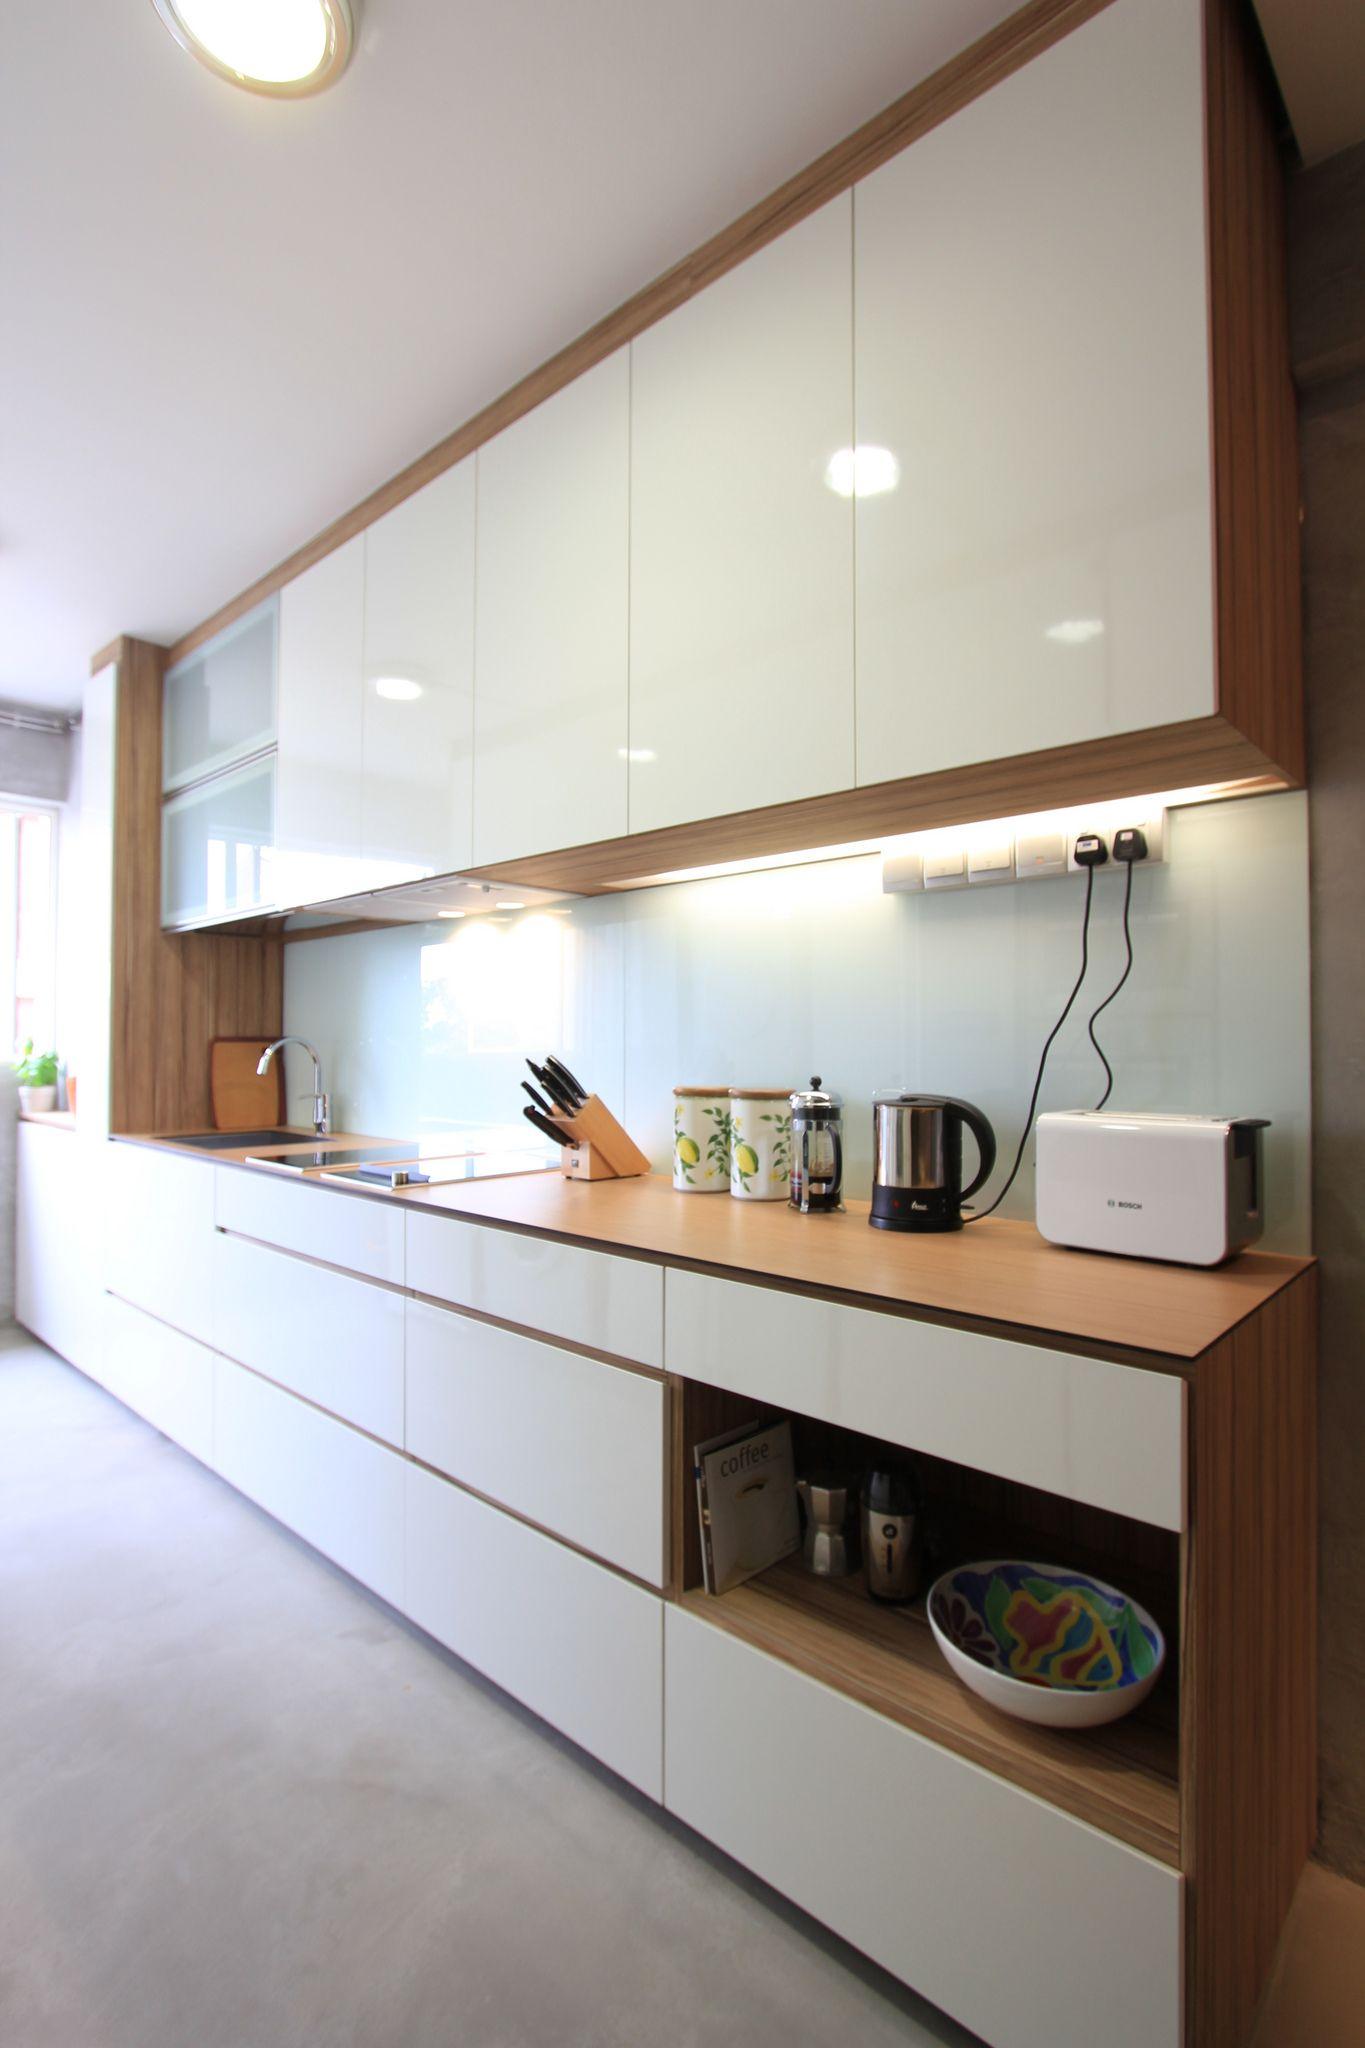 Kompactop 10 20 Boston Chery Modern Kitchen Cabinet Design Kitchen Inspiration Design Kitchen Design Small